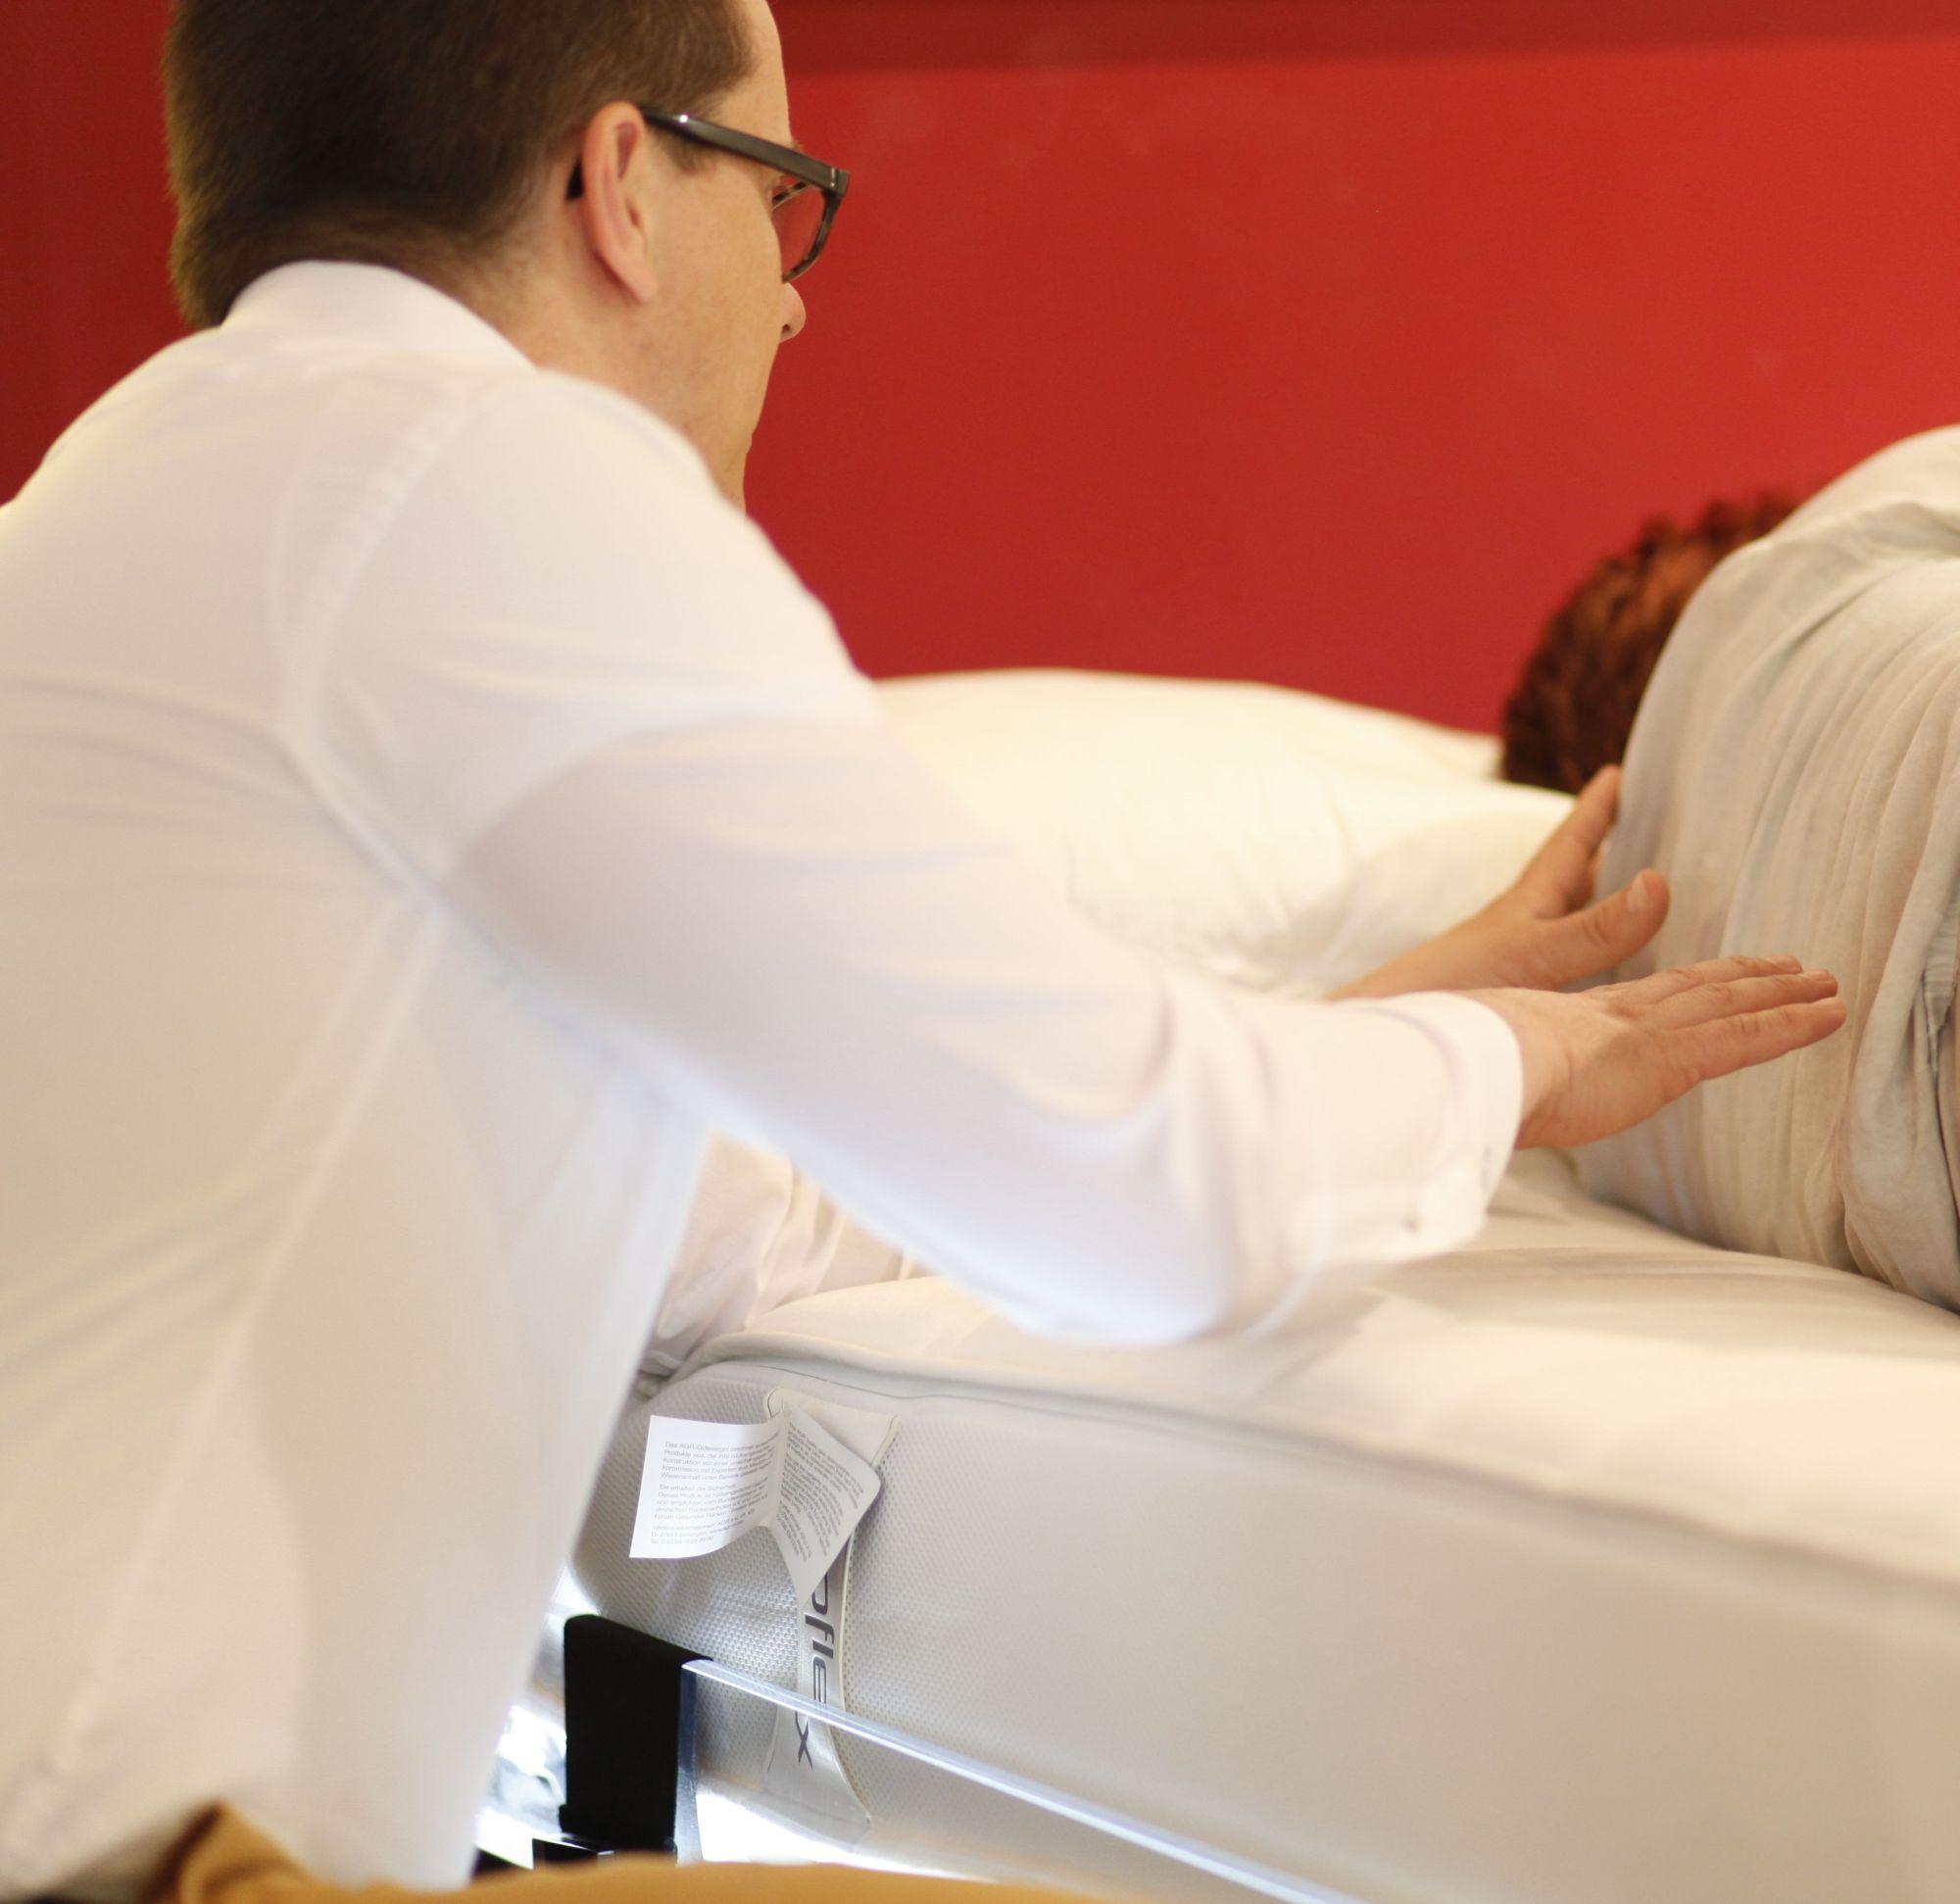 Beratung zu gutem Schlaf im Alter und zu Lattoflex in der Traumwerkstatt